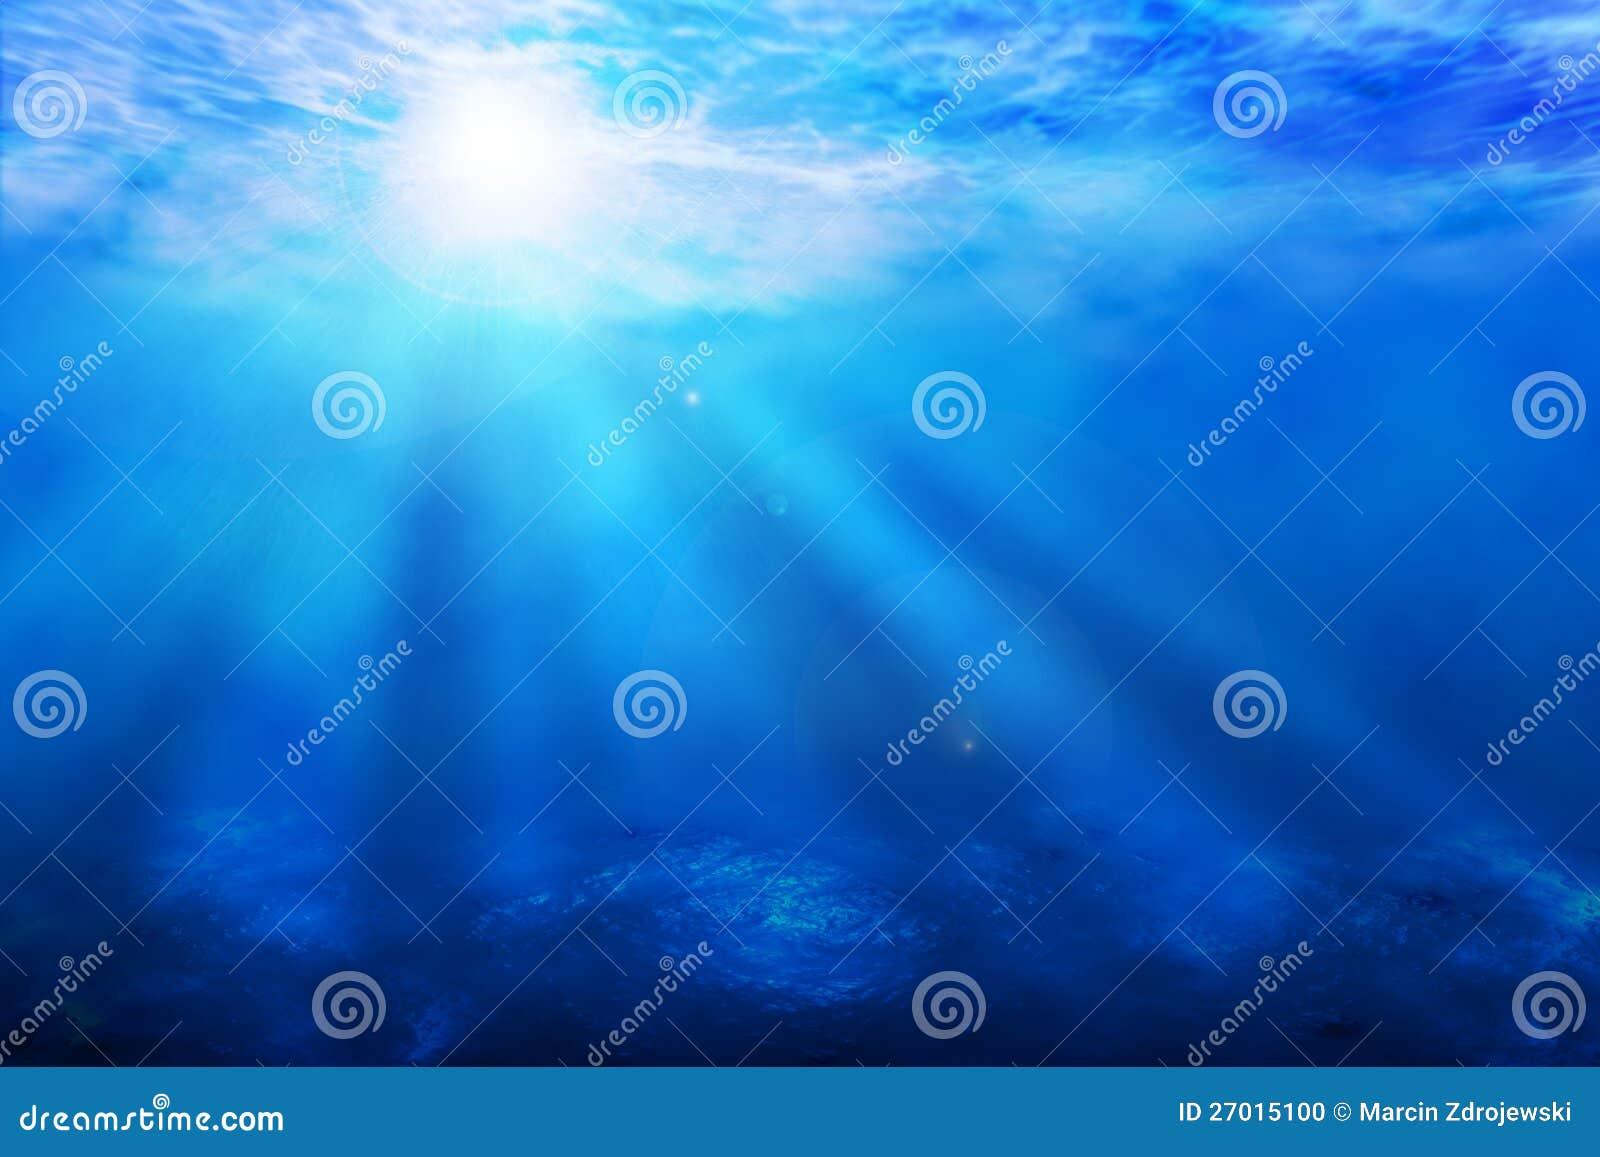 Błękitny oceanu podwodny słońca promieni tło